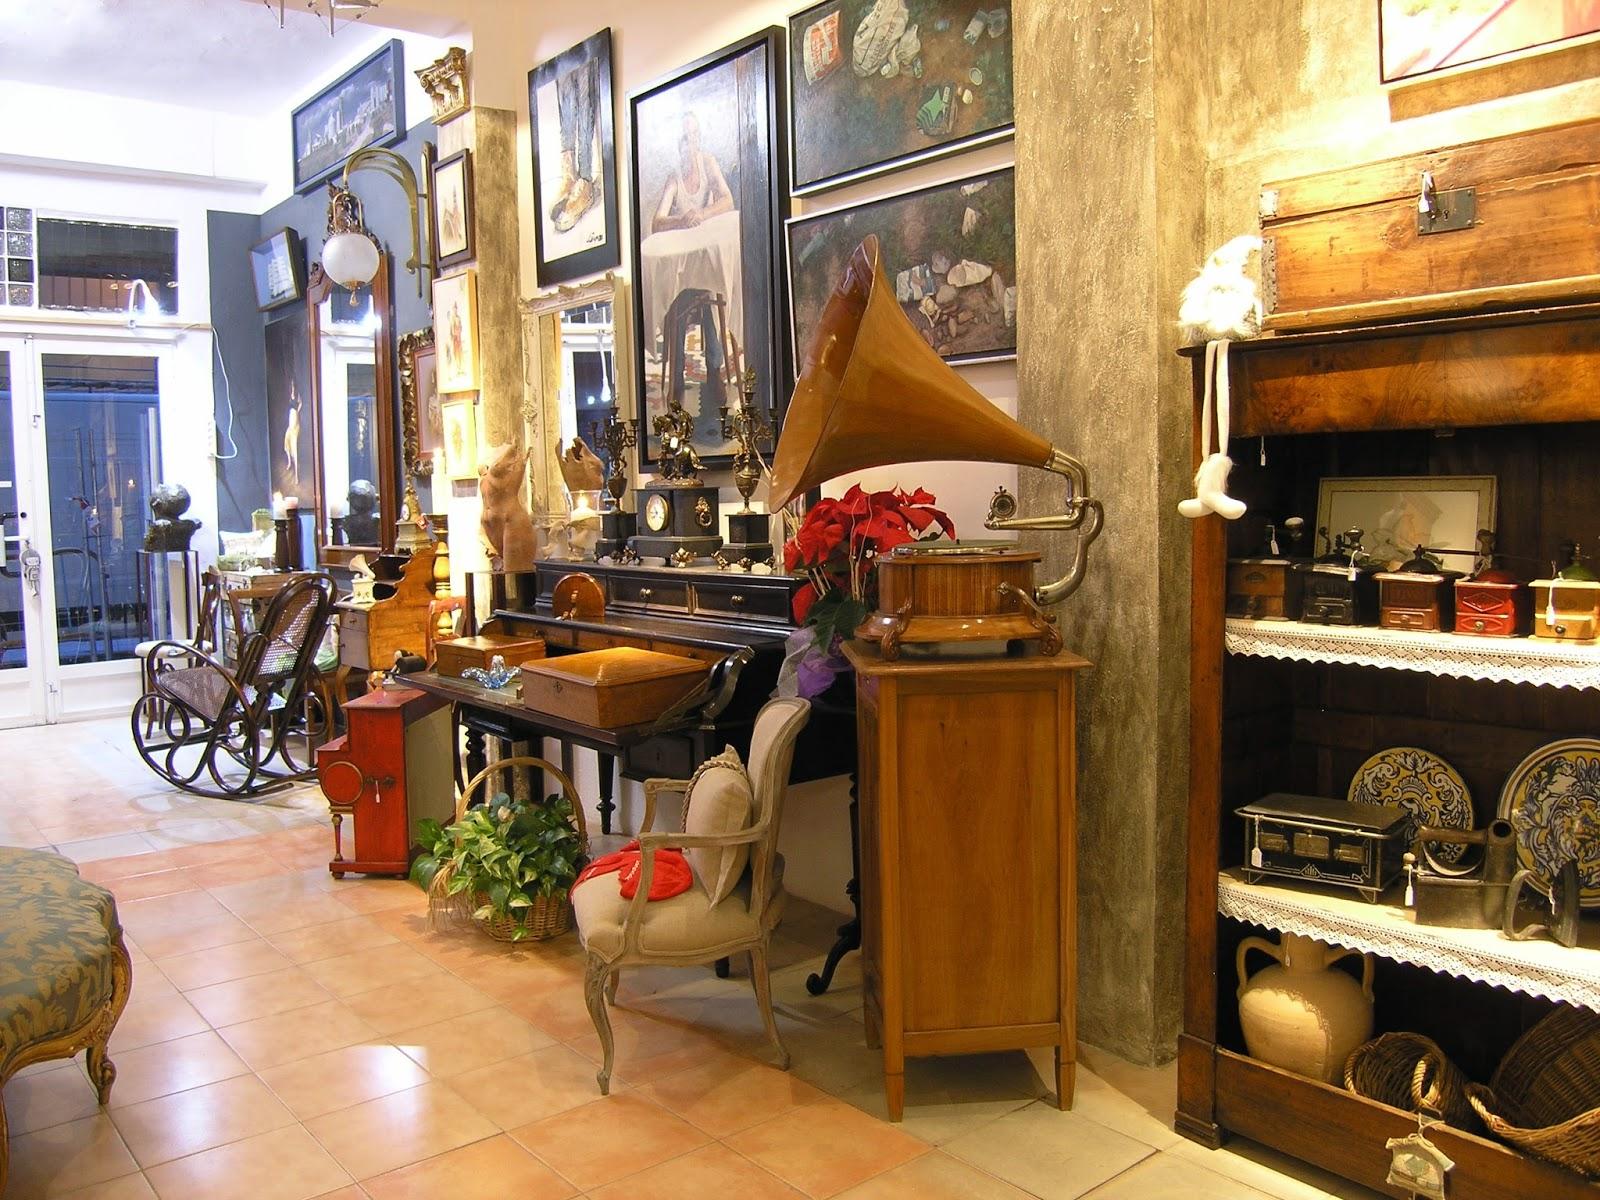 Restauraci n de mueble antiguo en valencia diciembre 2014 - Muebles antiguos valencia ...